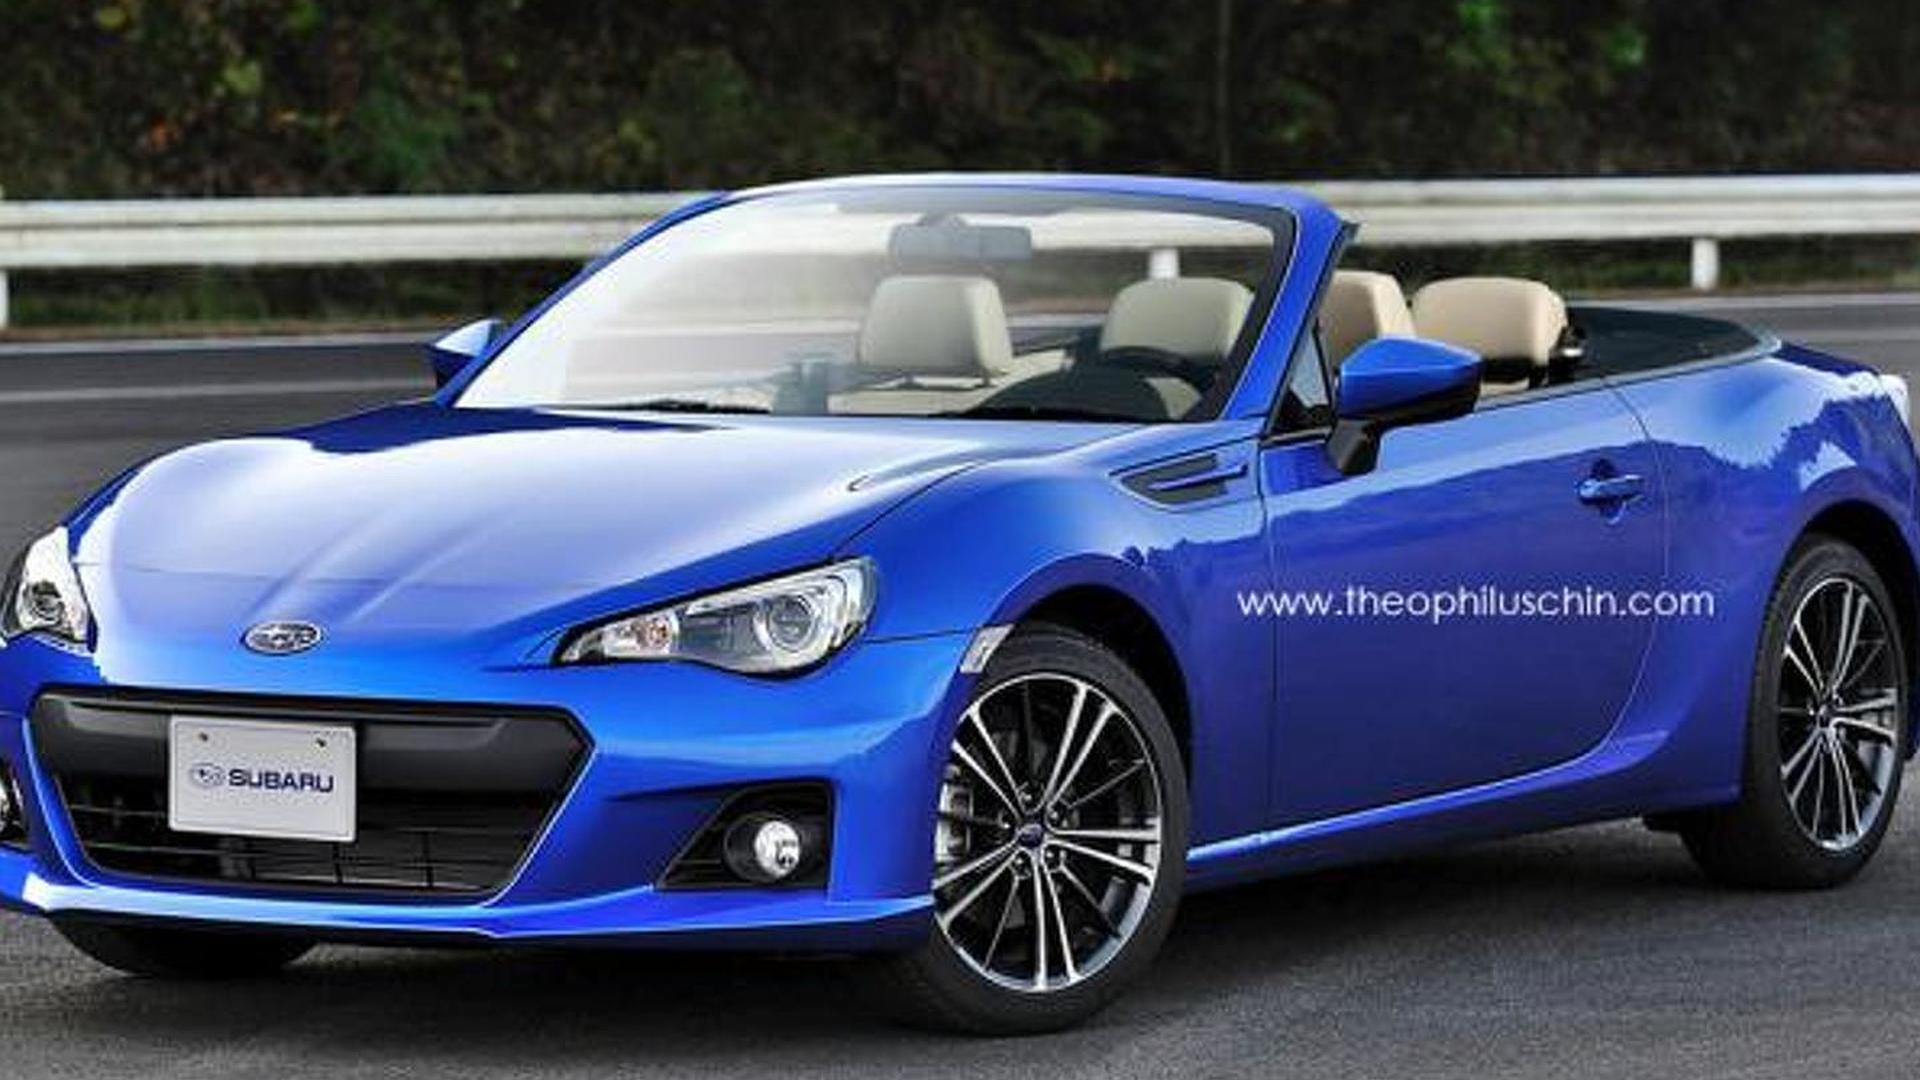 Subaru Confirms Awd Twin Turbo Convertible Two Seater